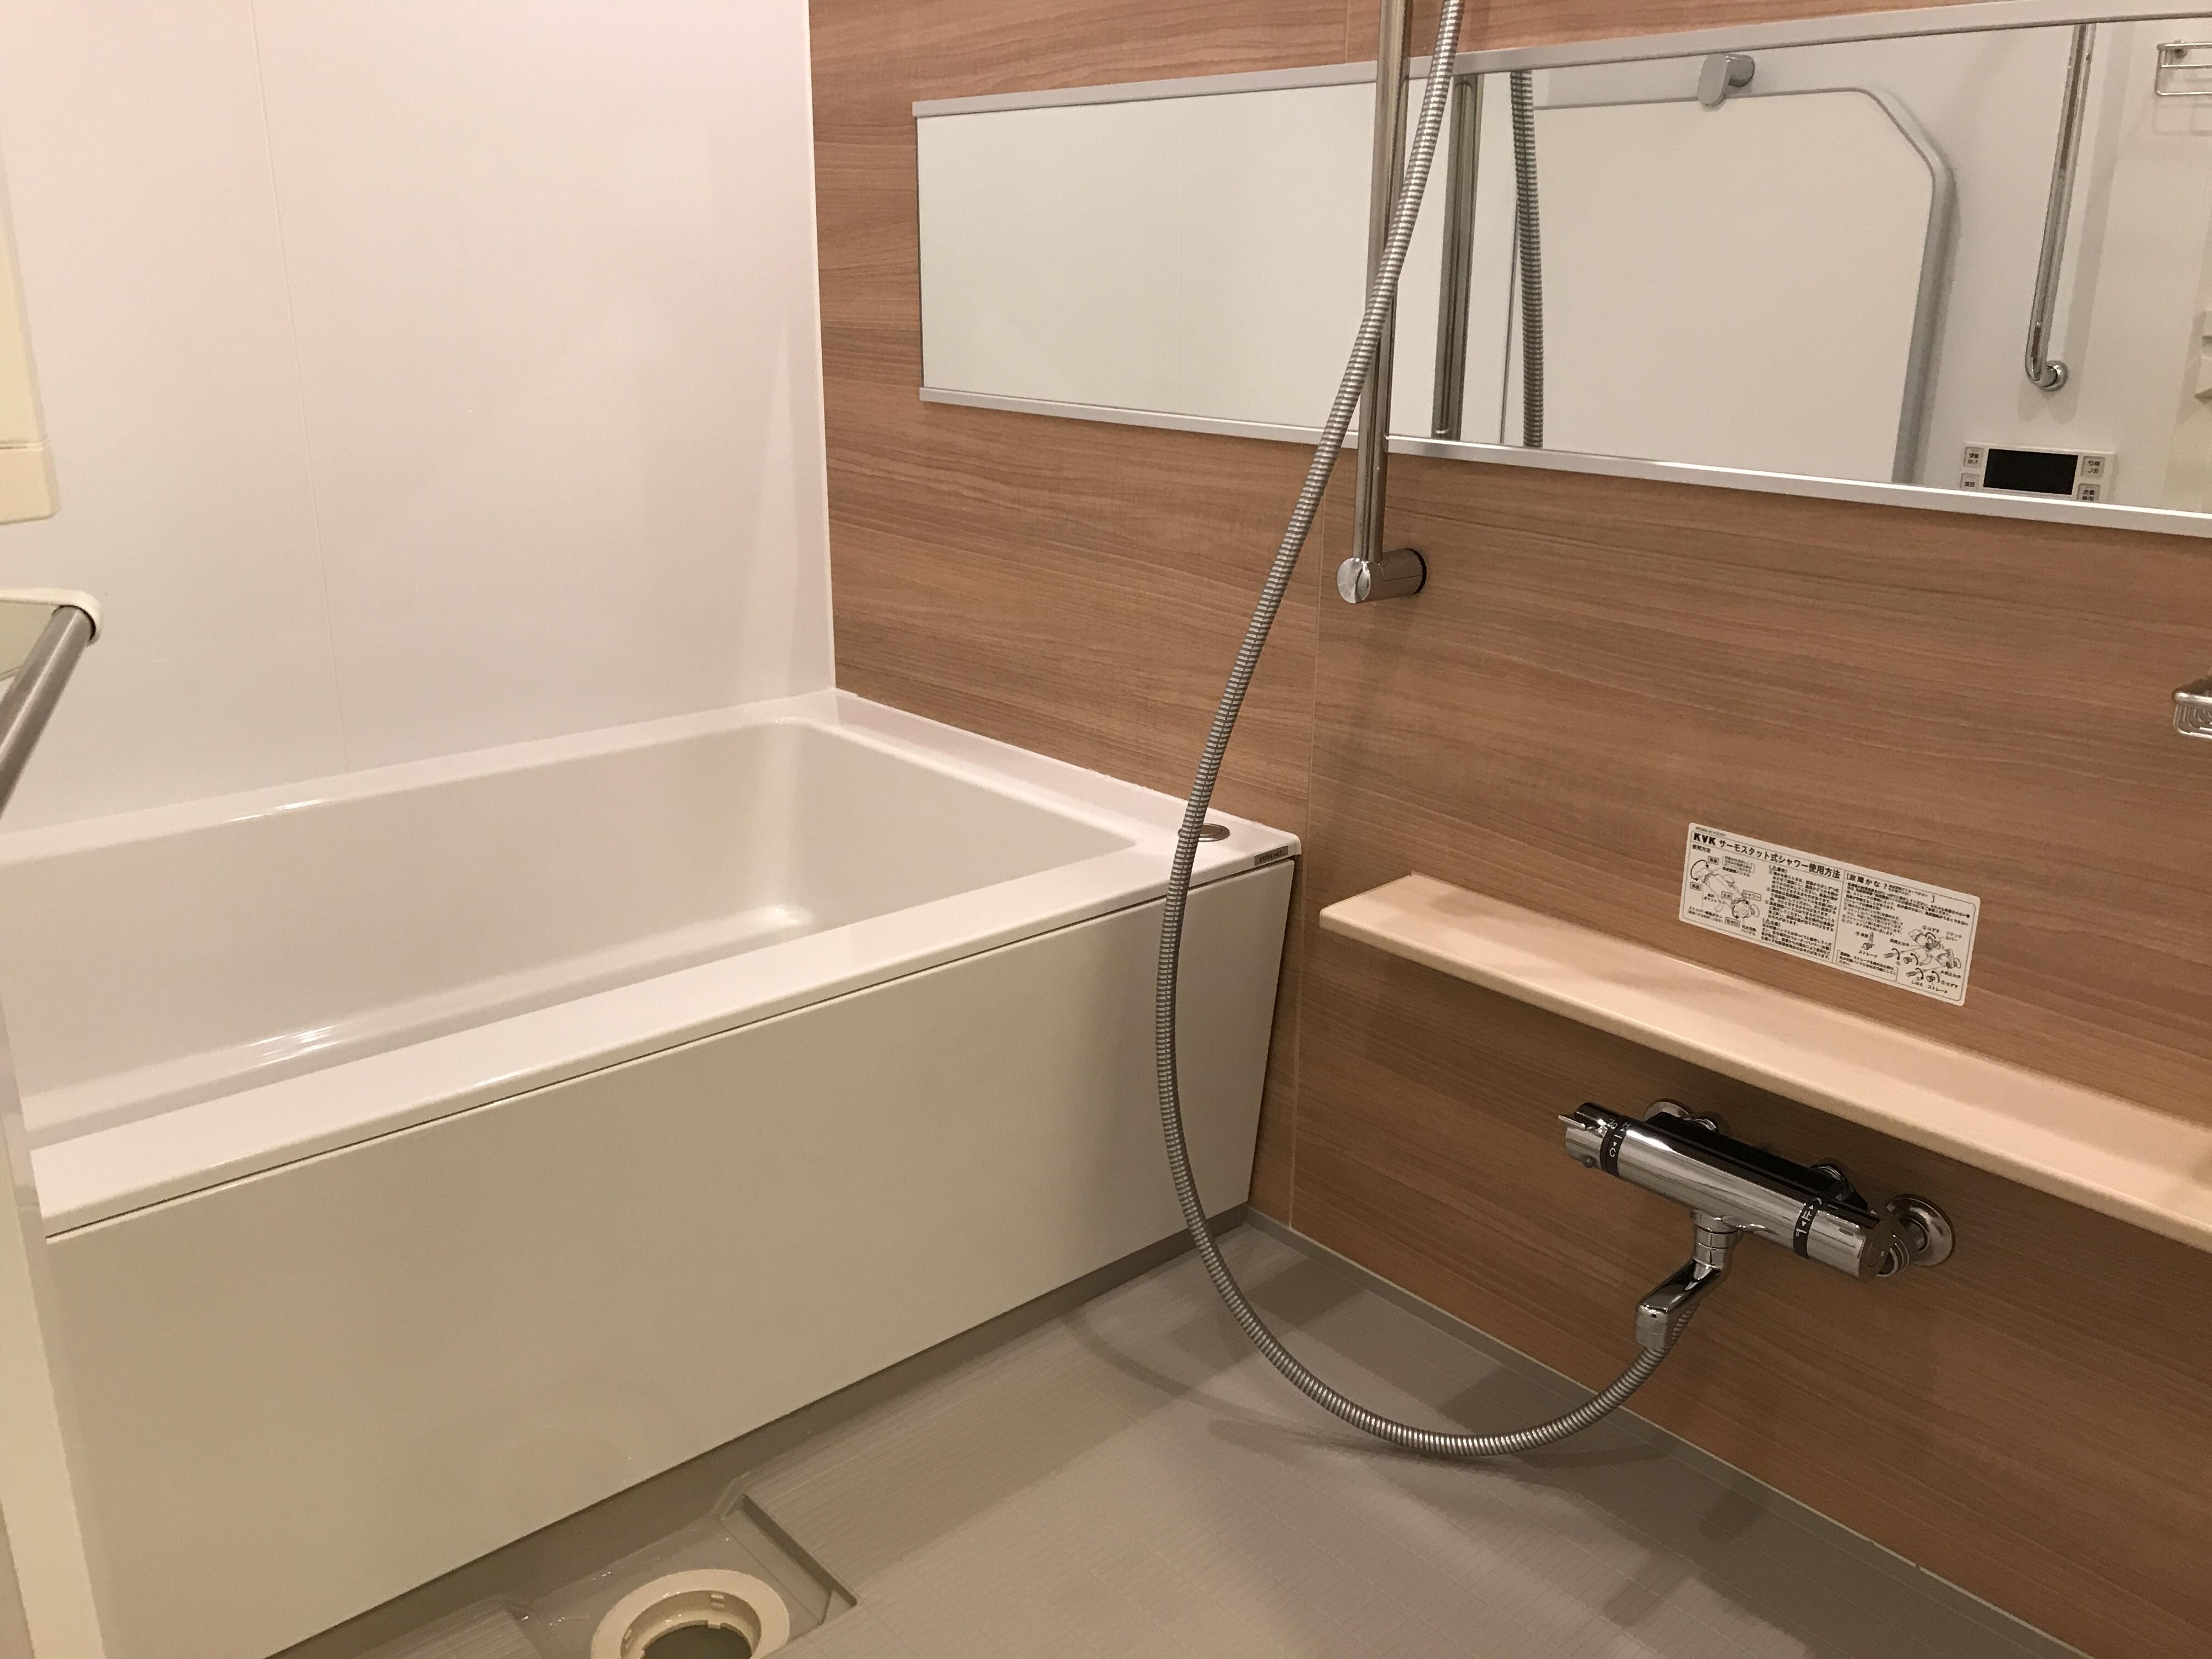 ハウスクリーニング後の浴室